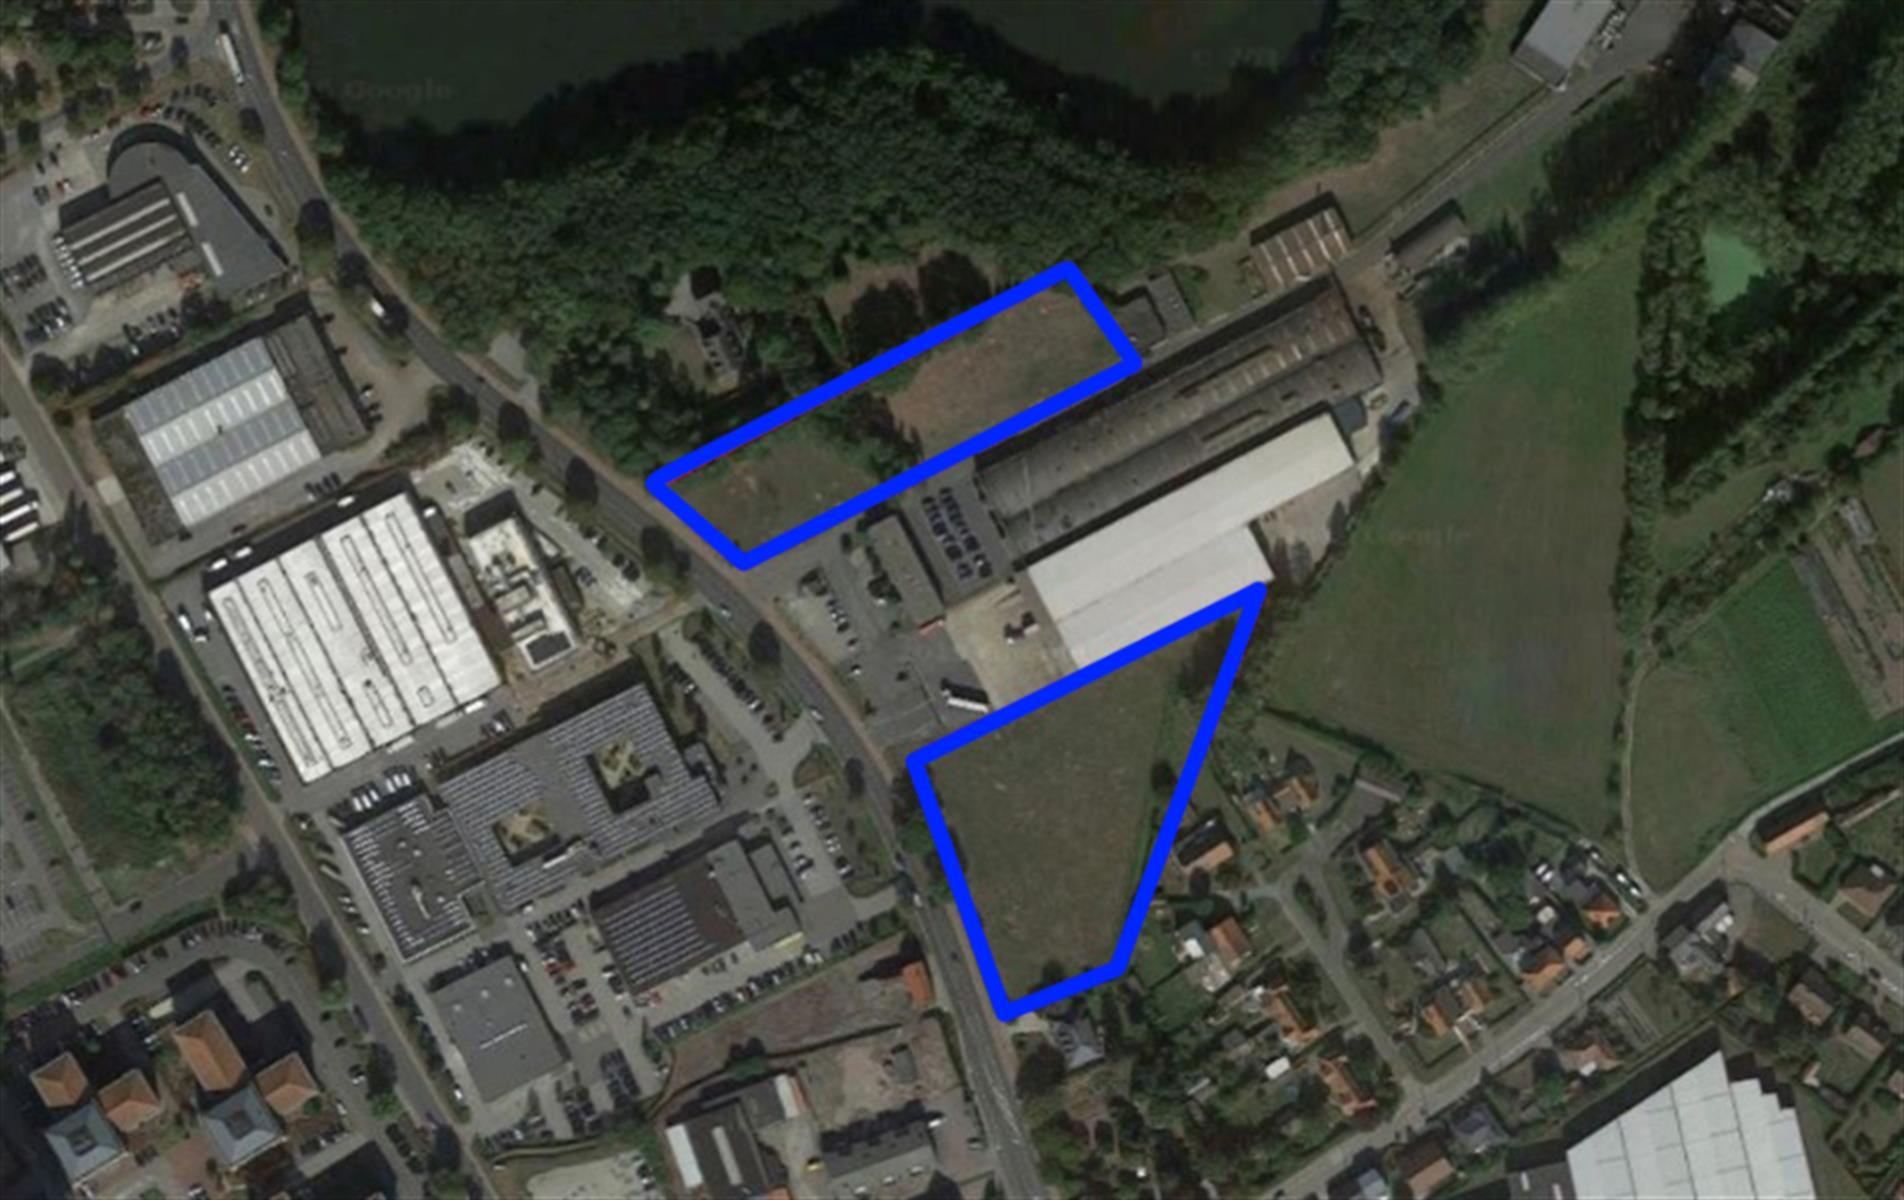 bedrijfsgebouw te huur VV2007 - Industrieterrein - Antwerpsesteenweg 106, 2800 Mechelen, België 1